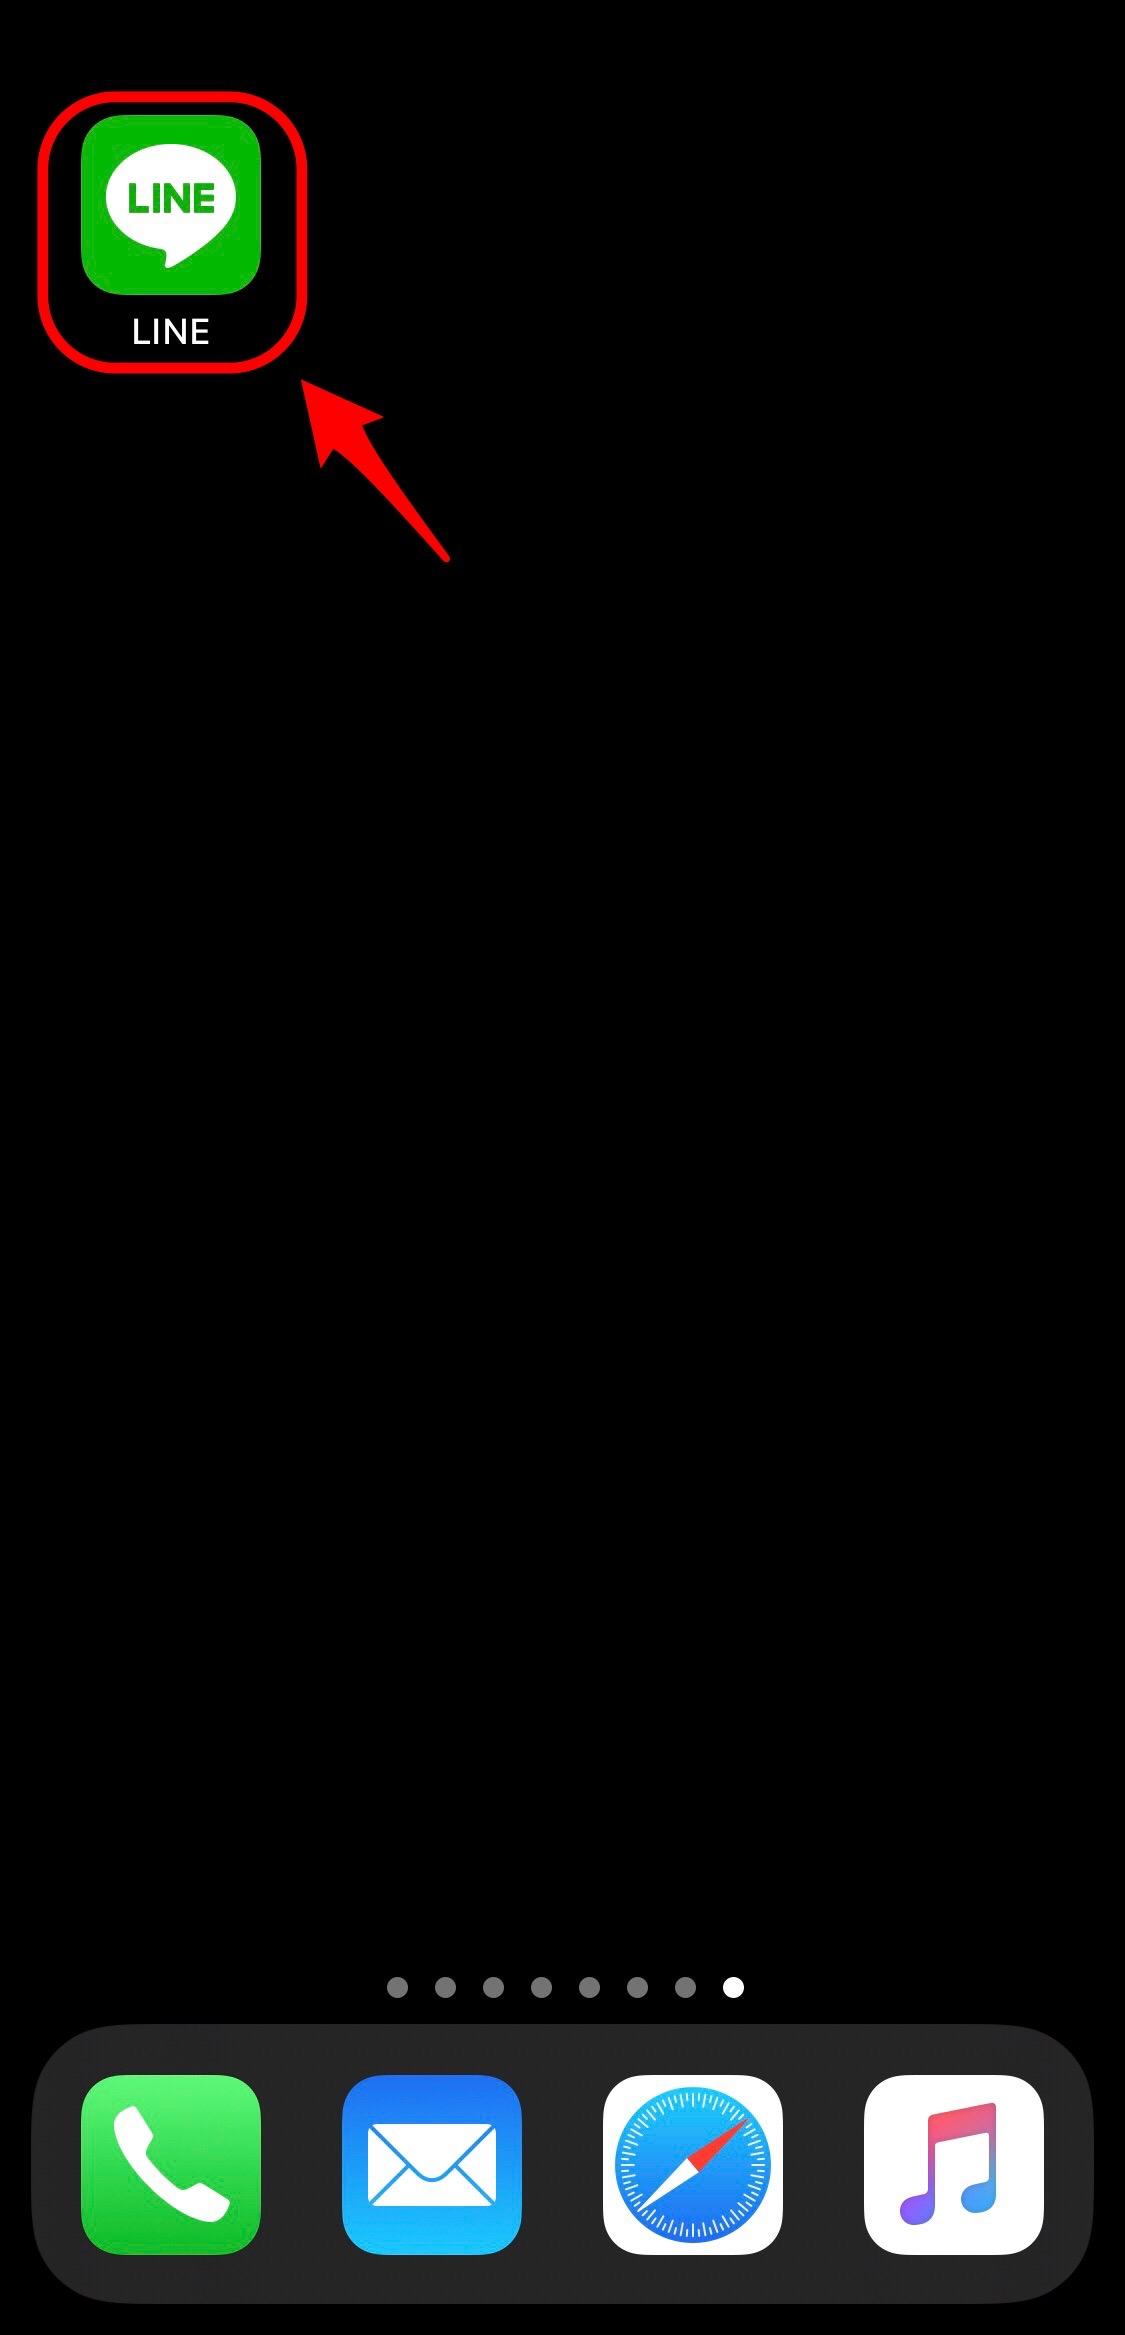 iPhone LINEアプリ